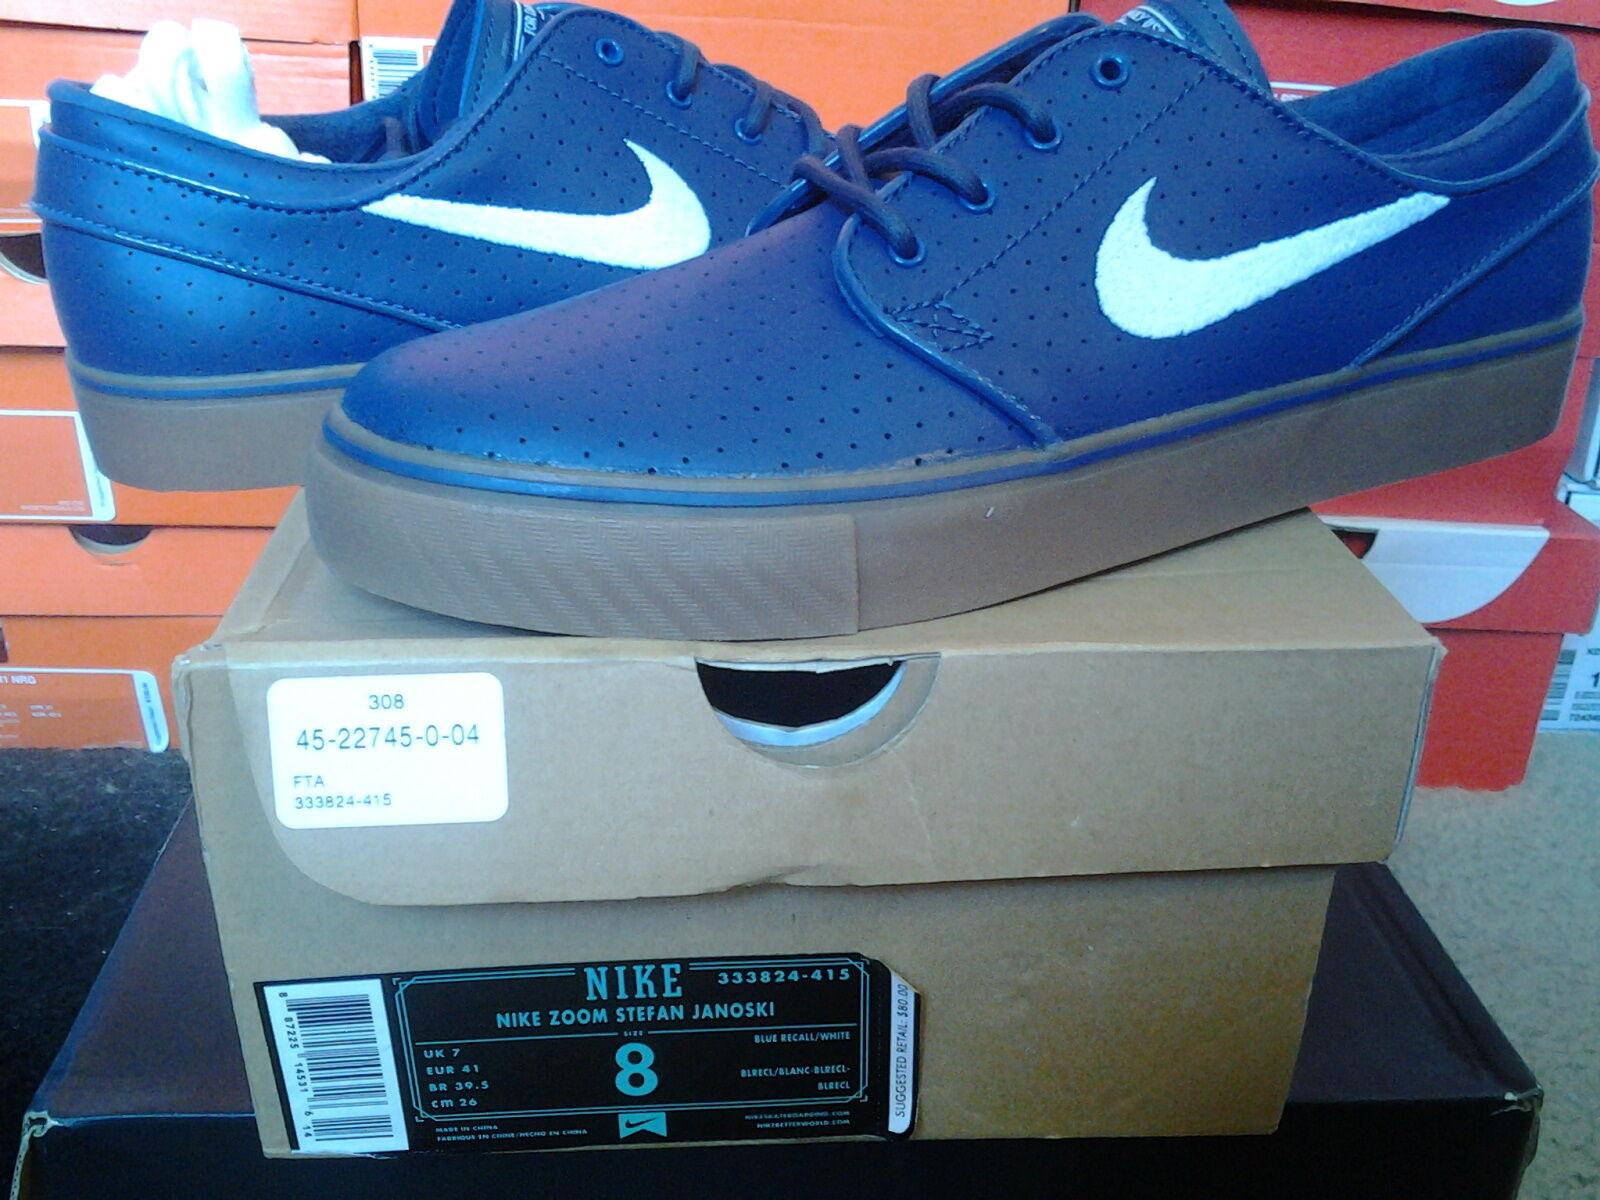 Nike Air Zoom Stefan Janoski SB Perf Blue Recall White Gum dunk max 1 333824 415